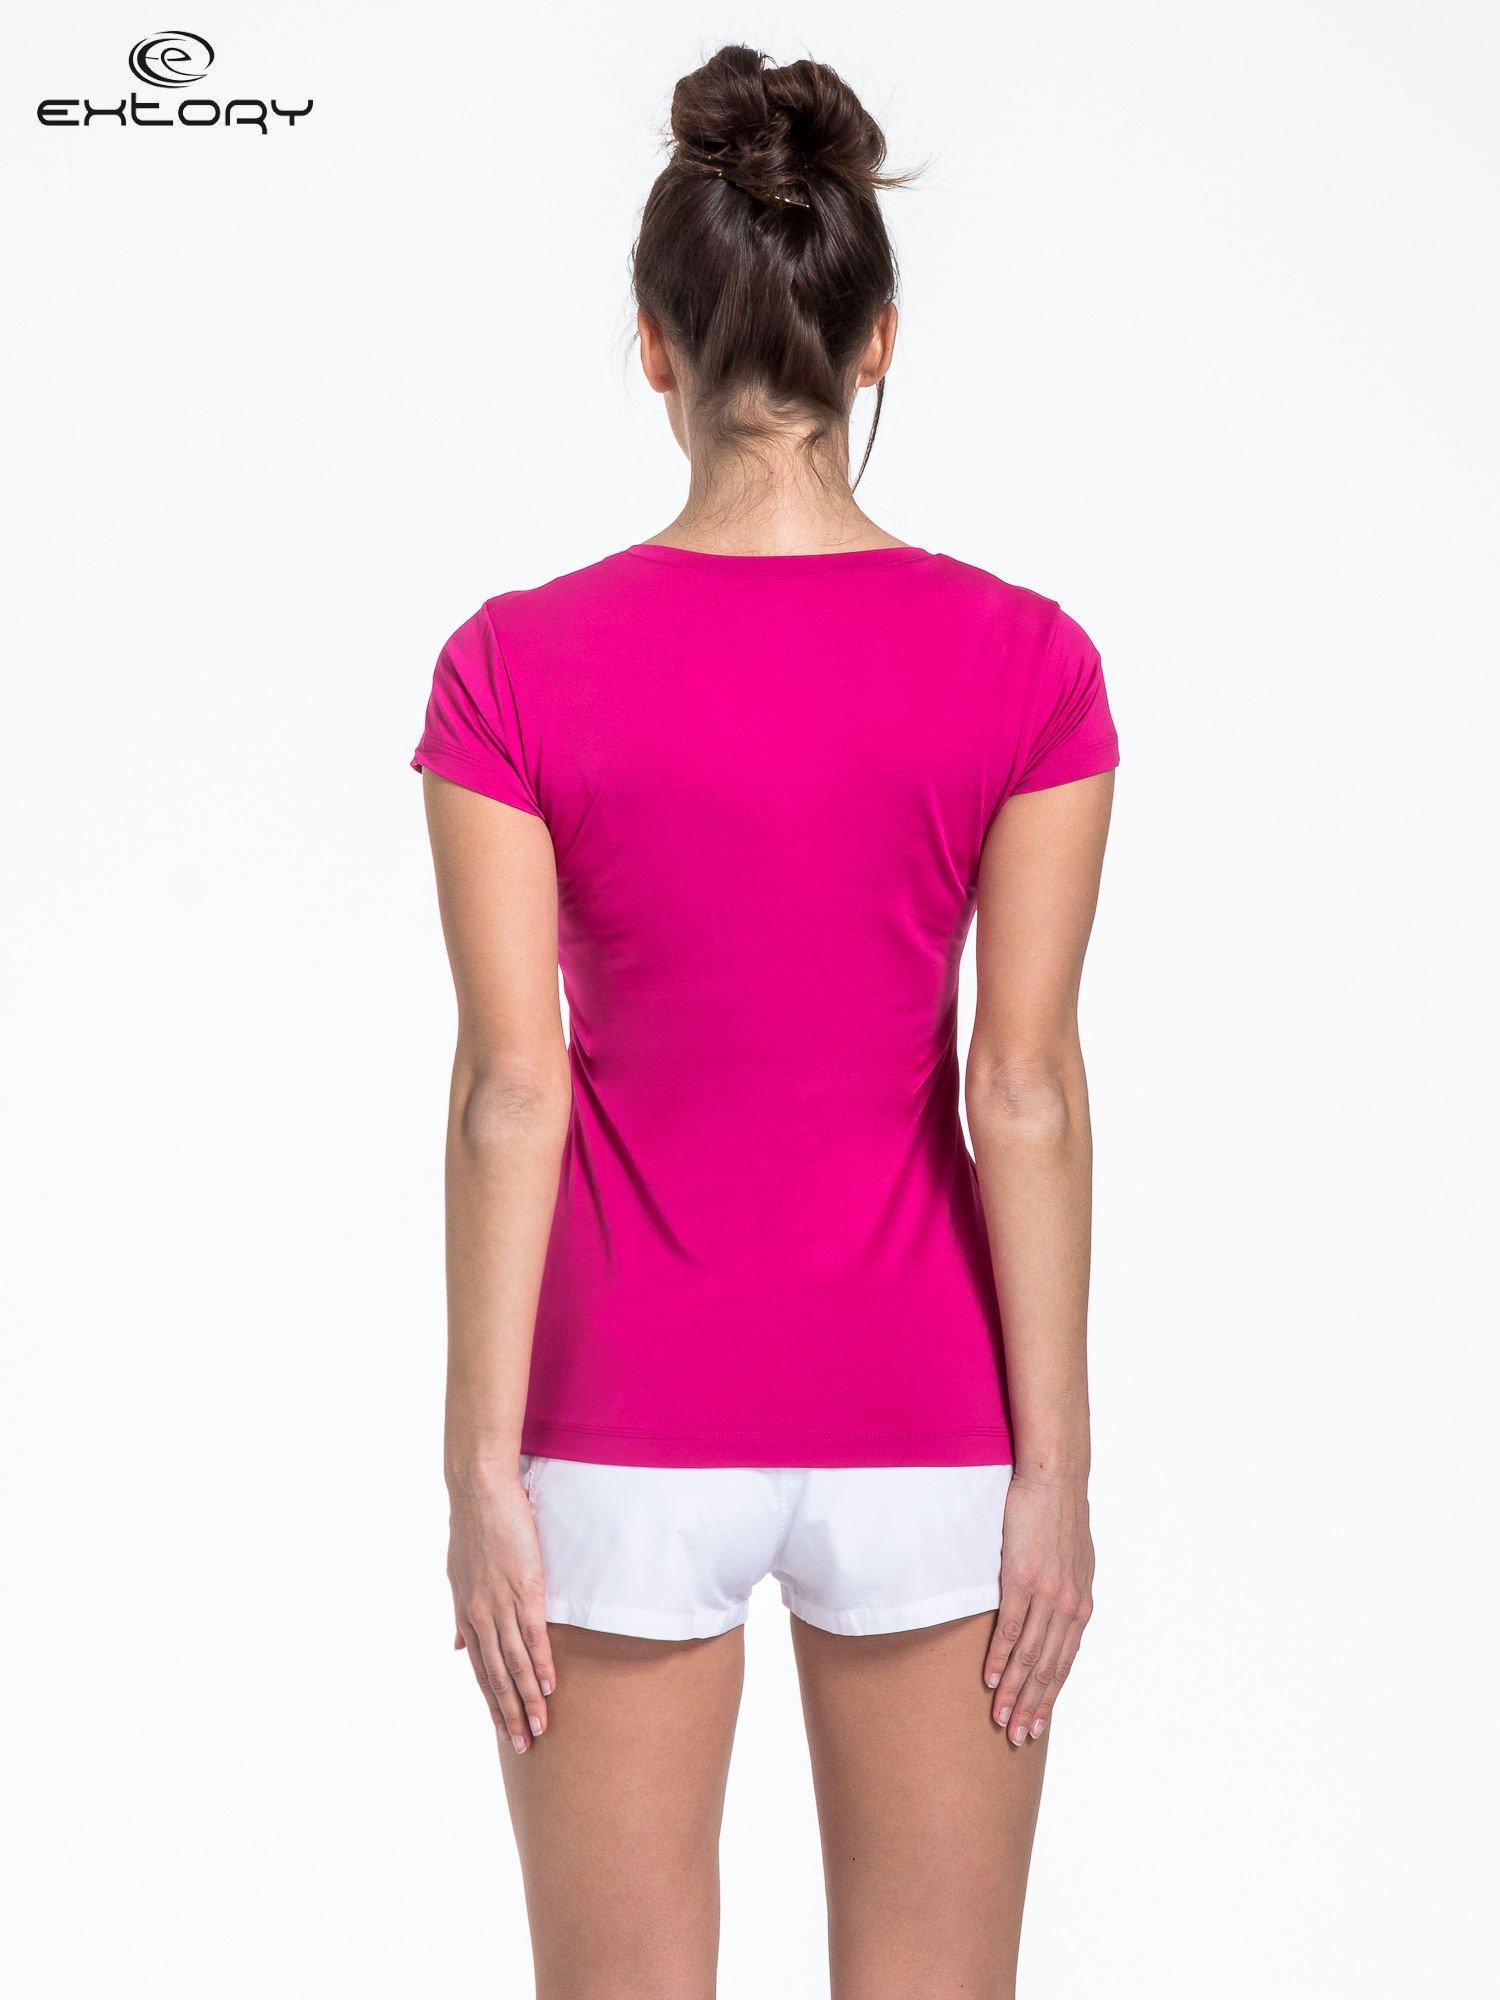 Fuksjowy modelujący t-shirt sportowy z przeszyciami                                  zdj.                                  4